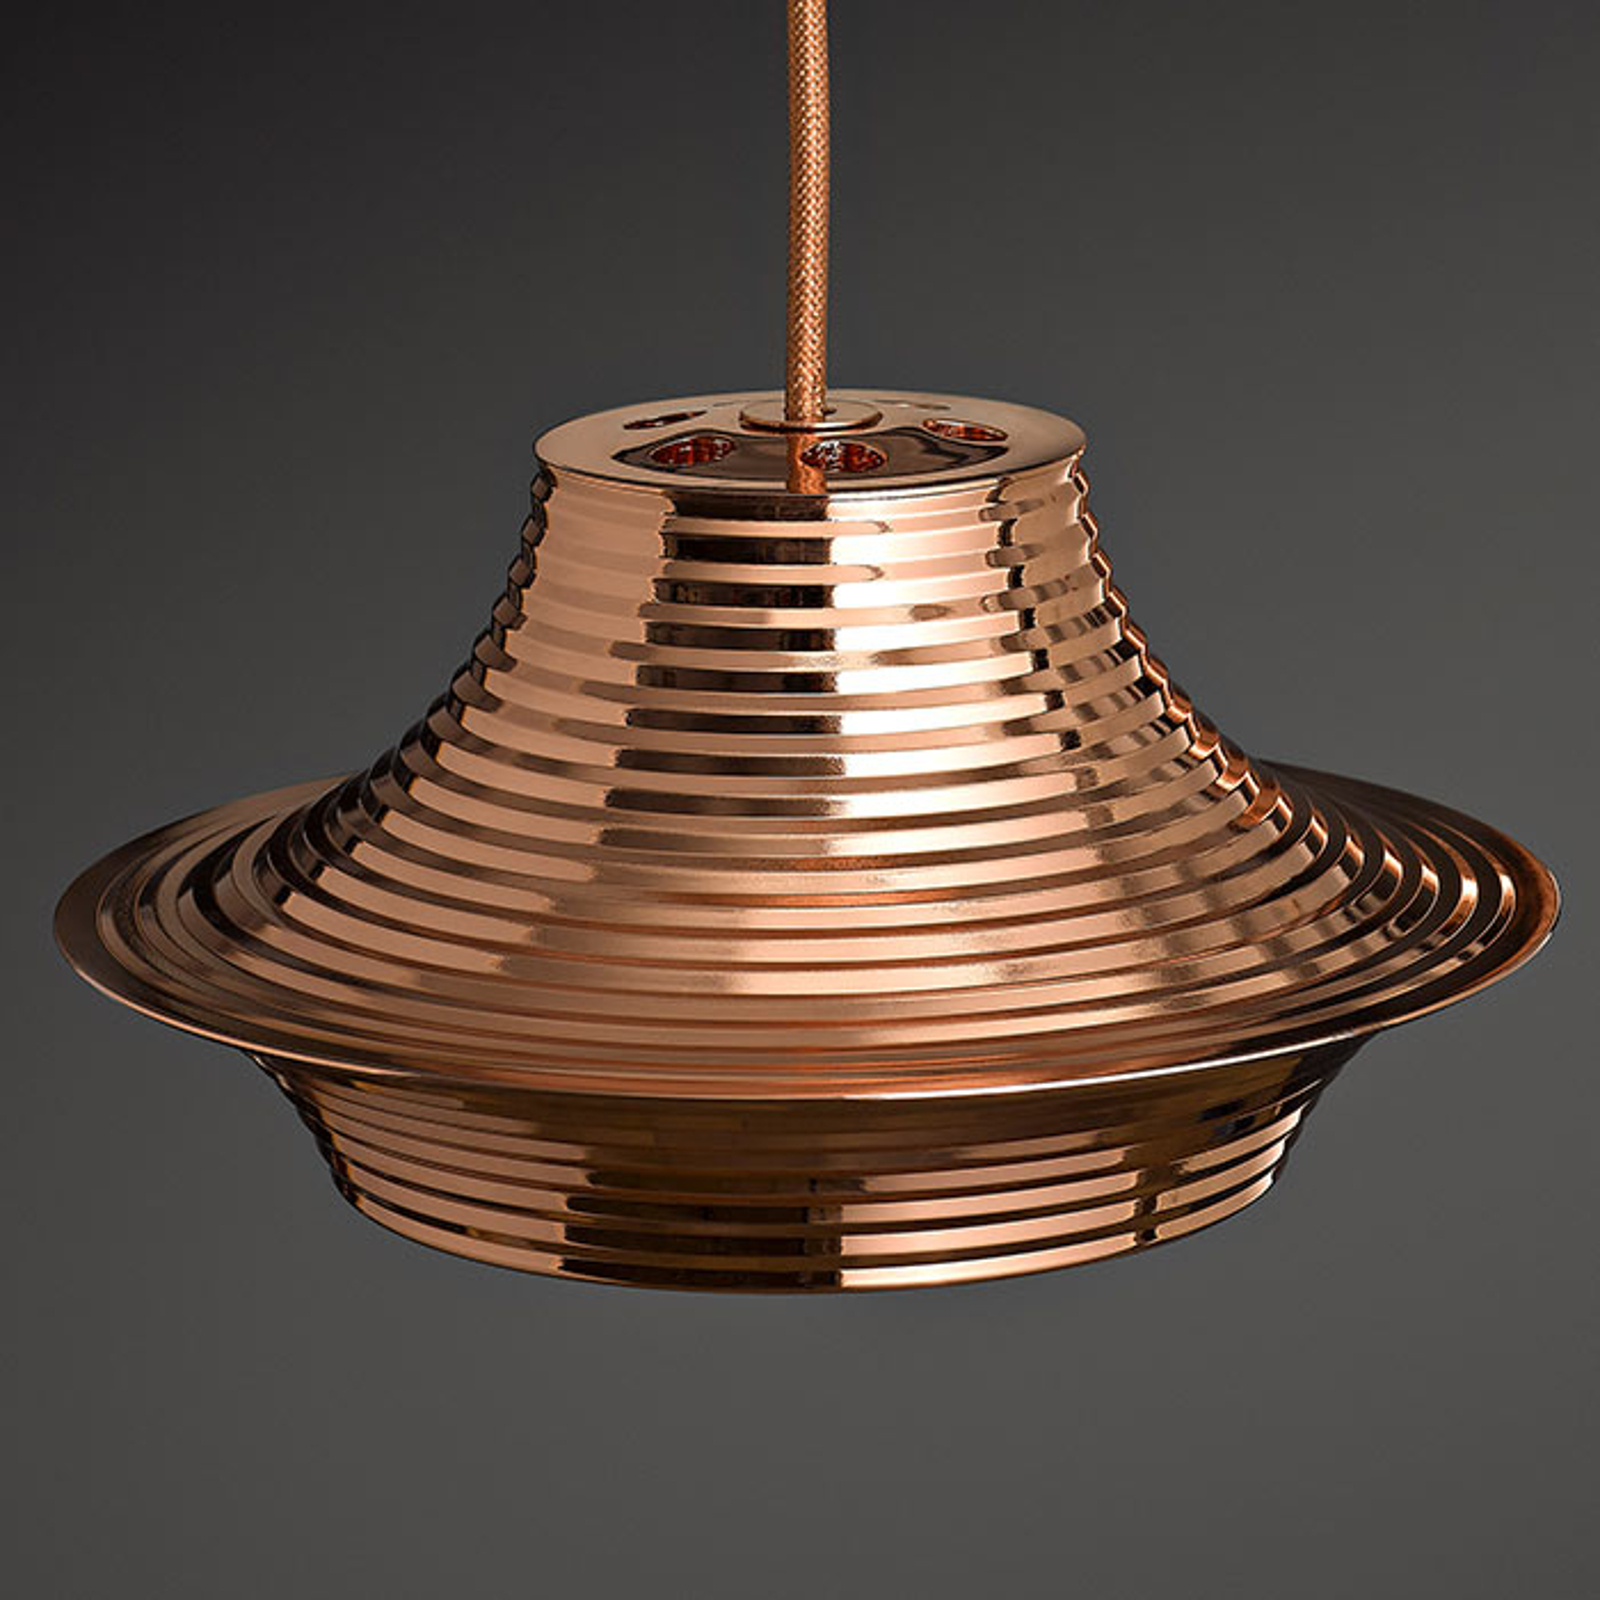 Bover Tibeta 03 - LED hanglamp in koper